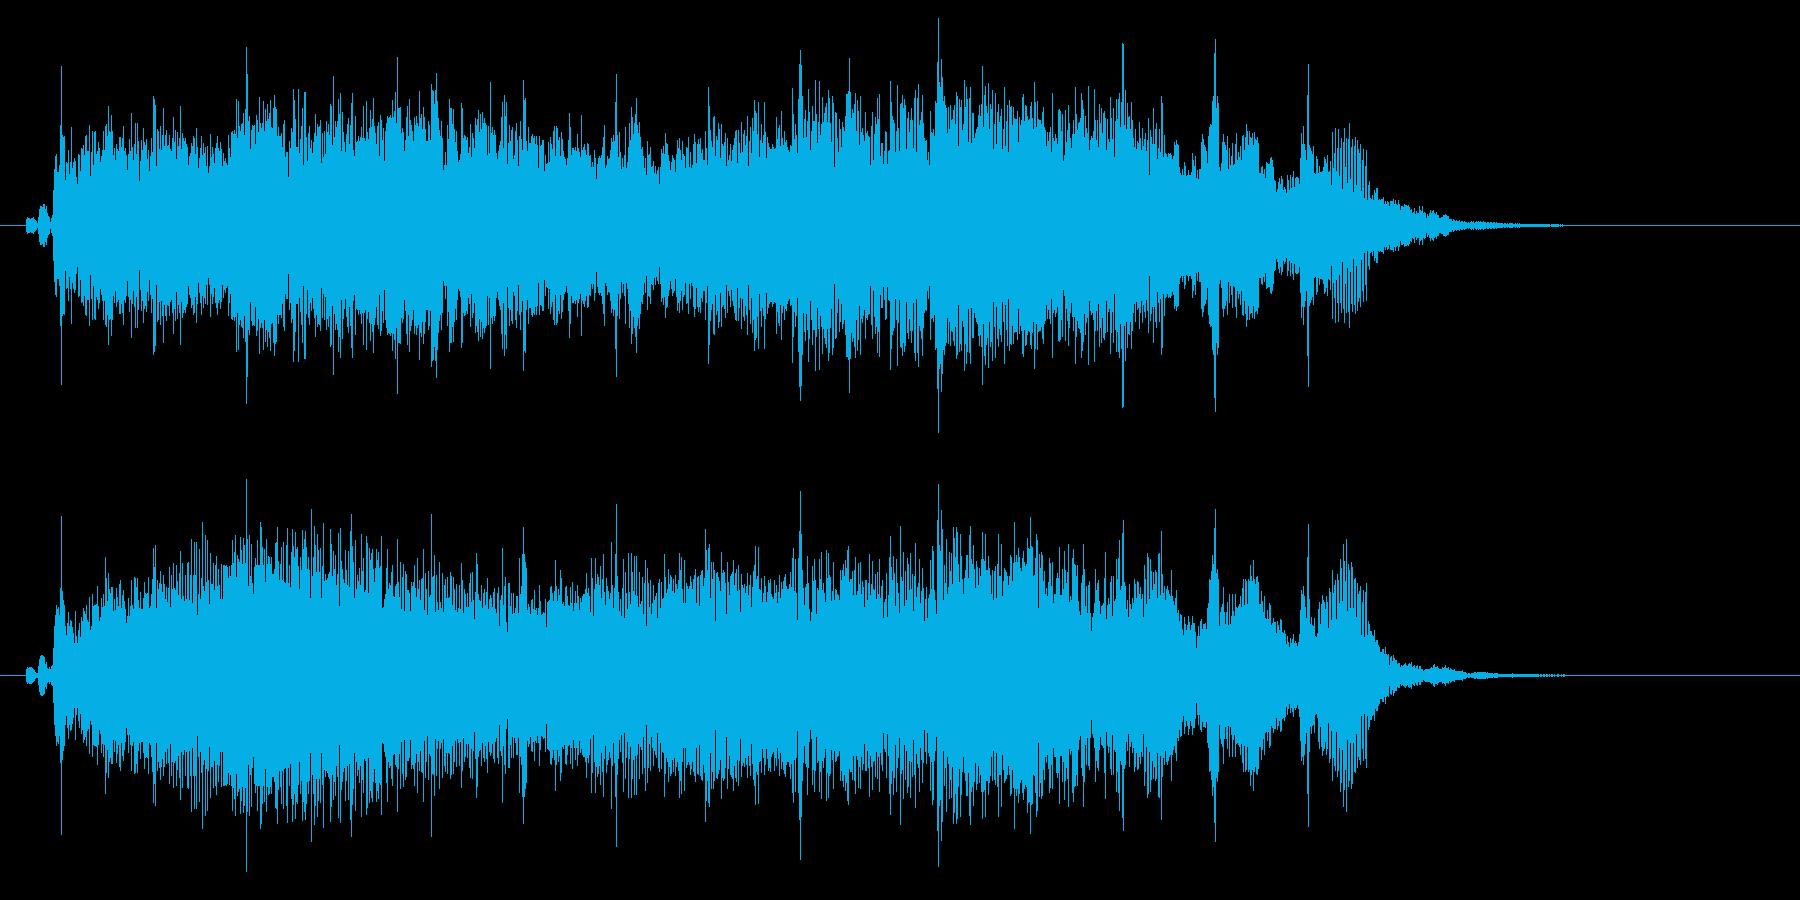 アイドルSE1 ゲームクリアの再生済みの波形